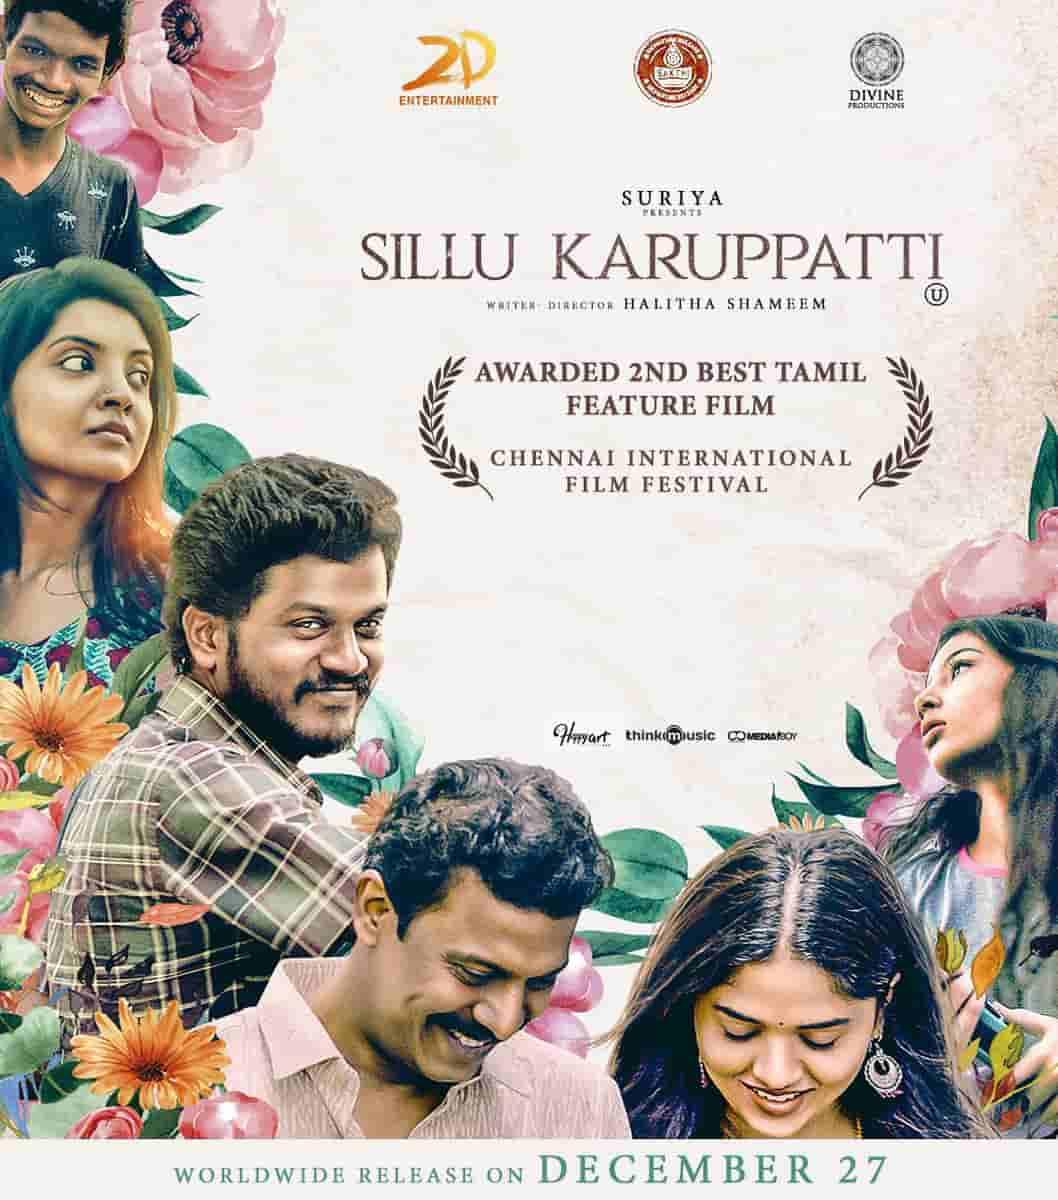 Sillu Karuppatti Official Trailer Samuthirakani Sunainaa Produced by Suriya directed by Halitha Shameem